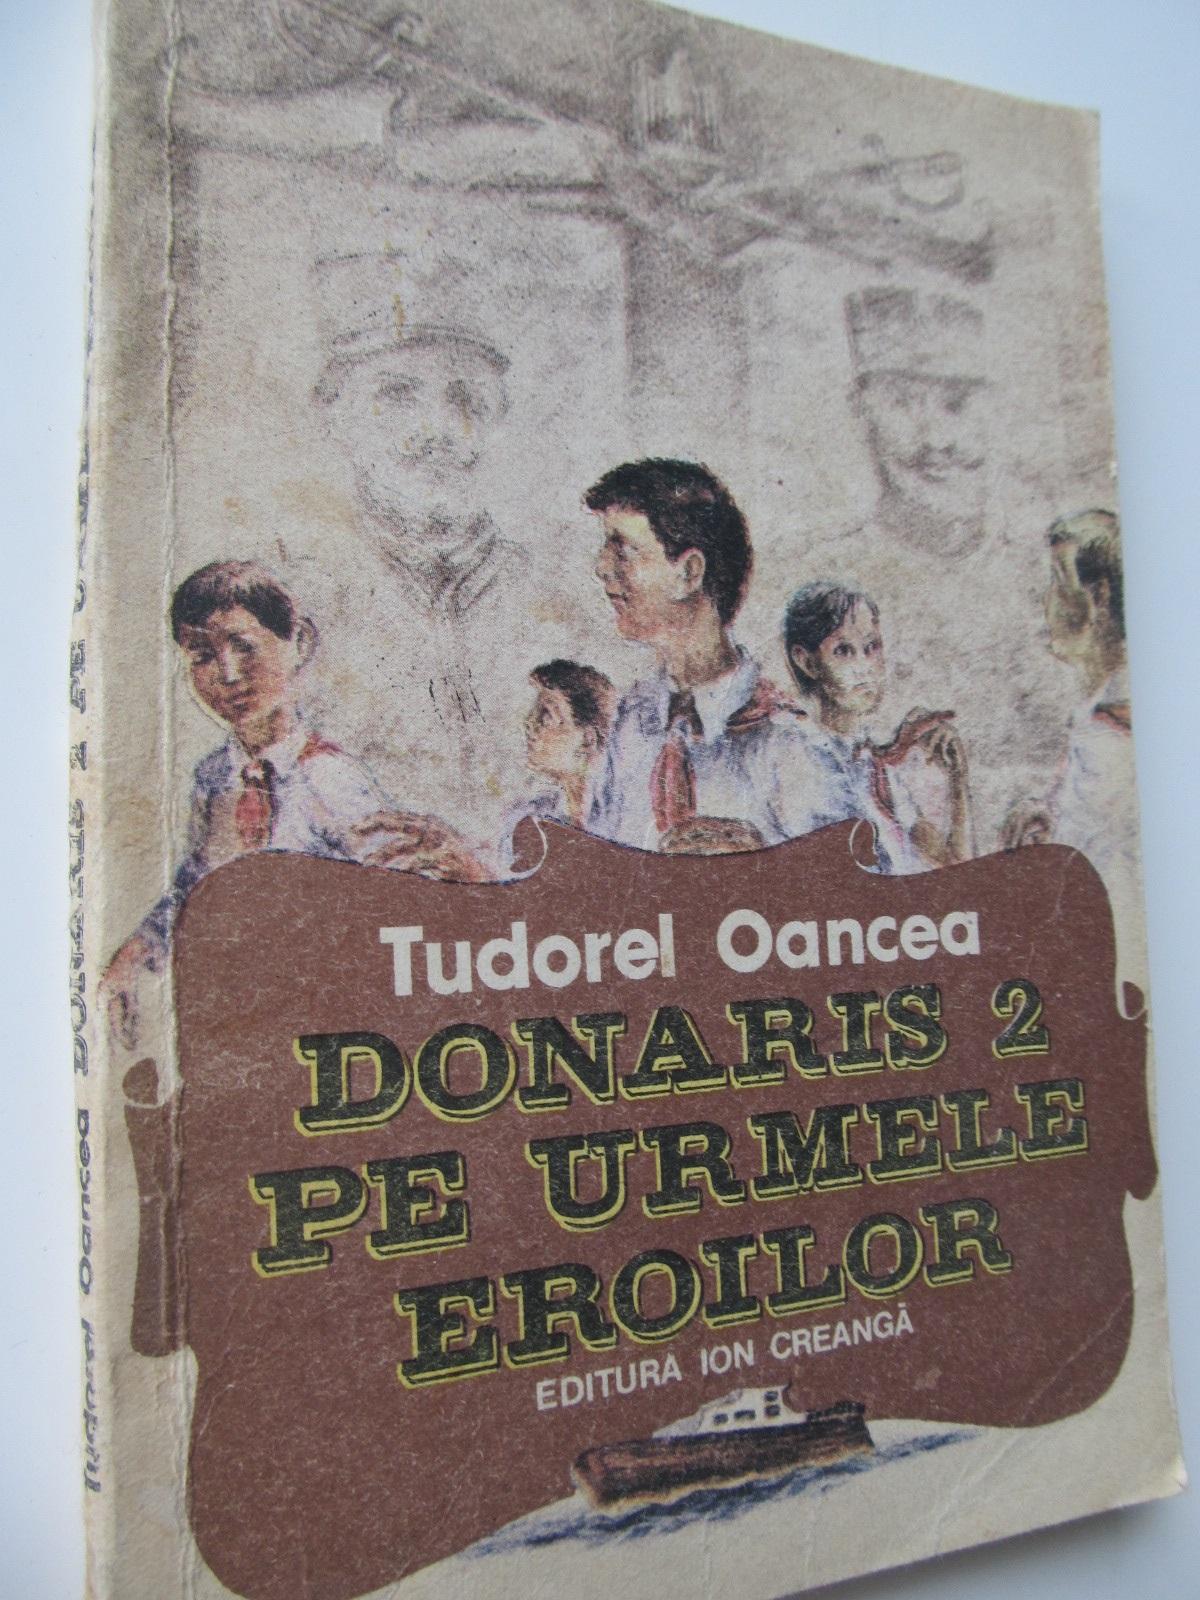 Donaris 2 pe urmele eroilor - Tudorel Oancea | Detalii carte